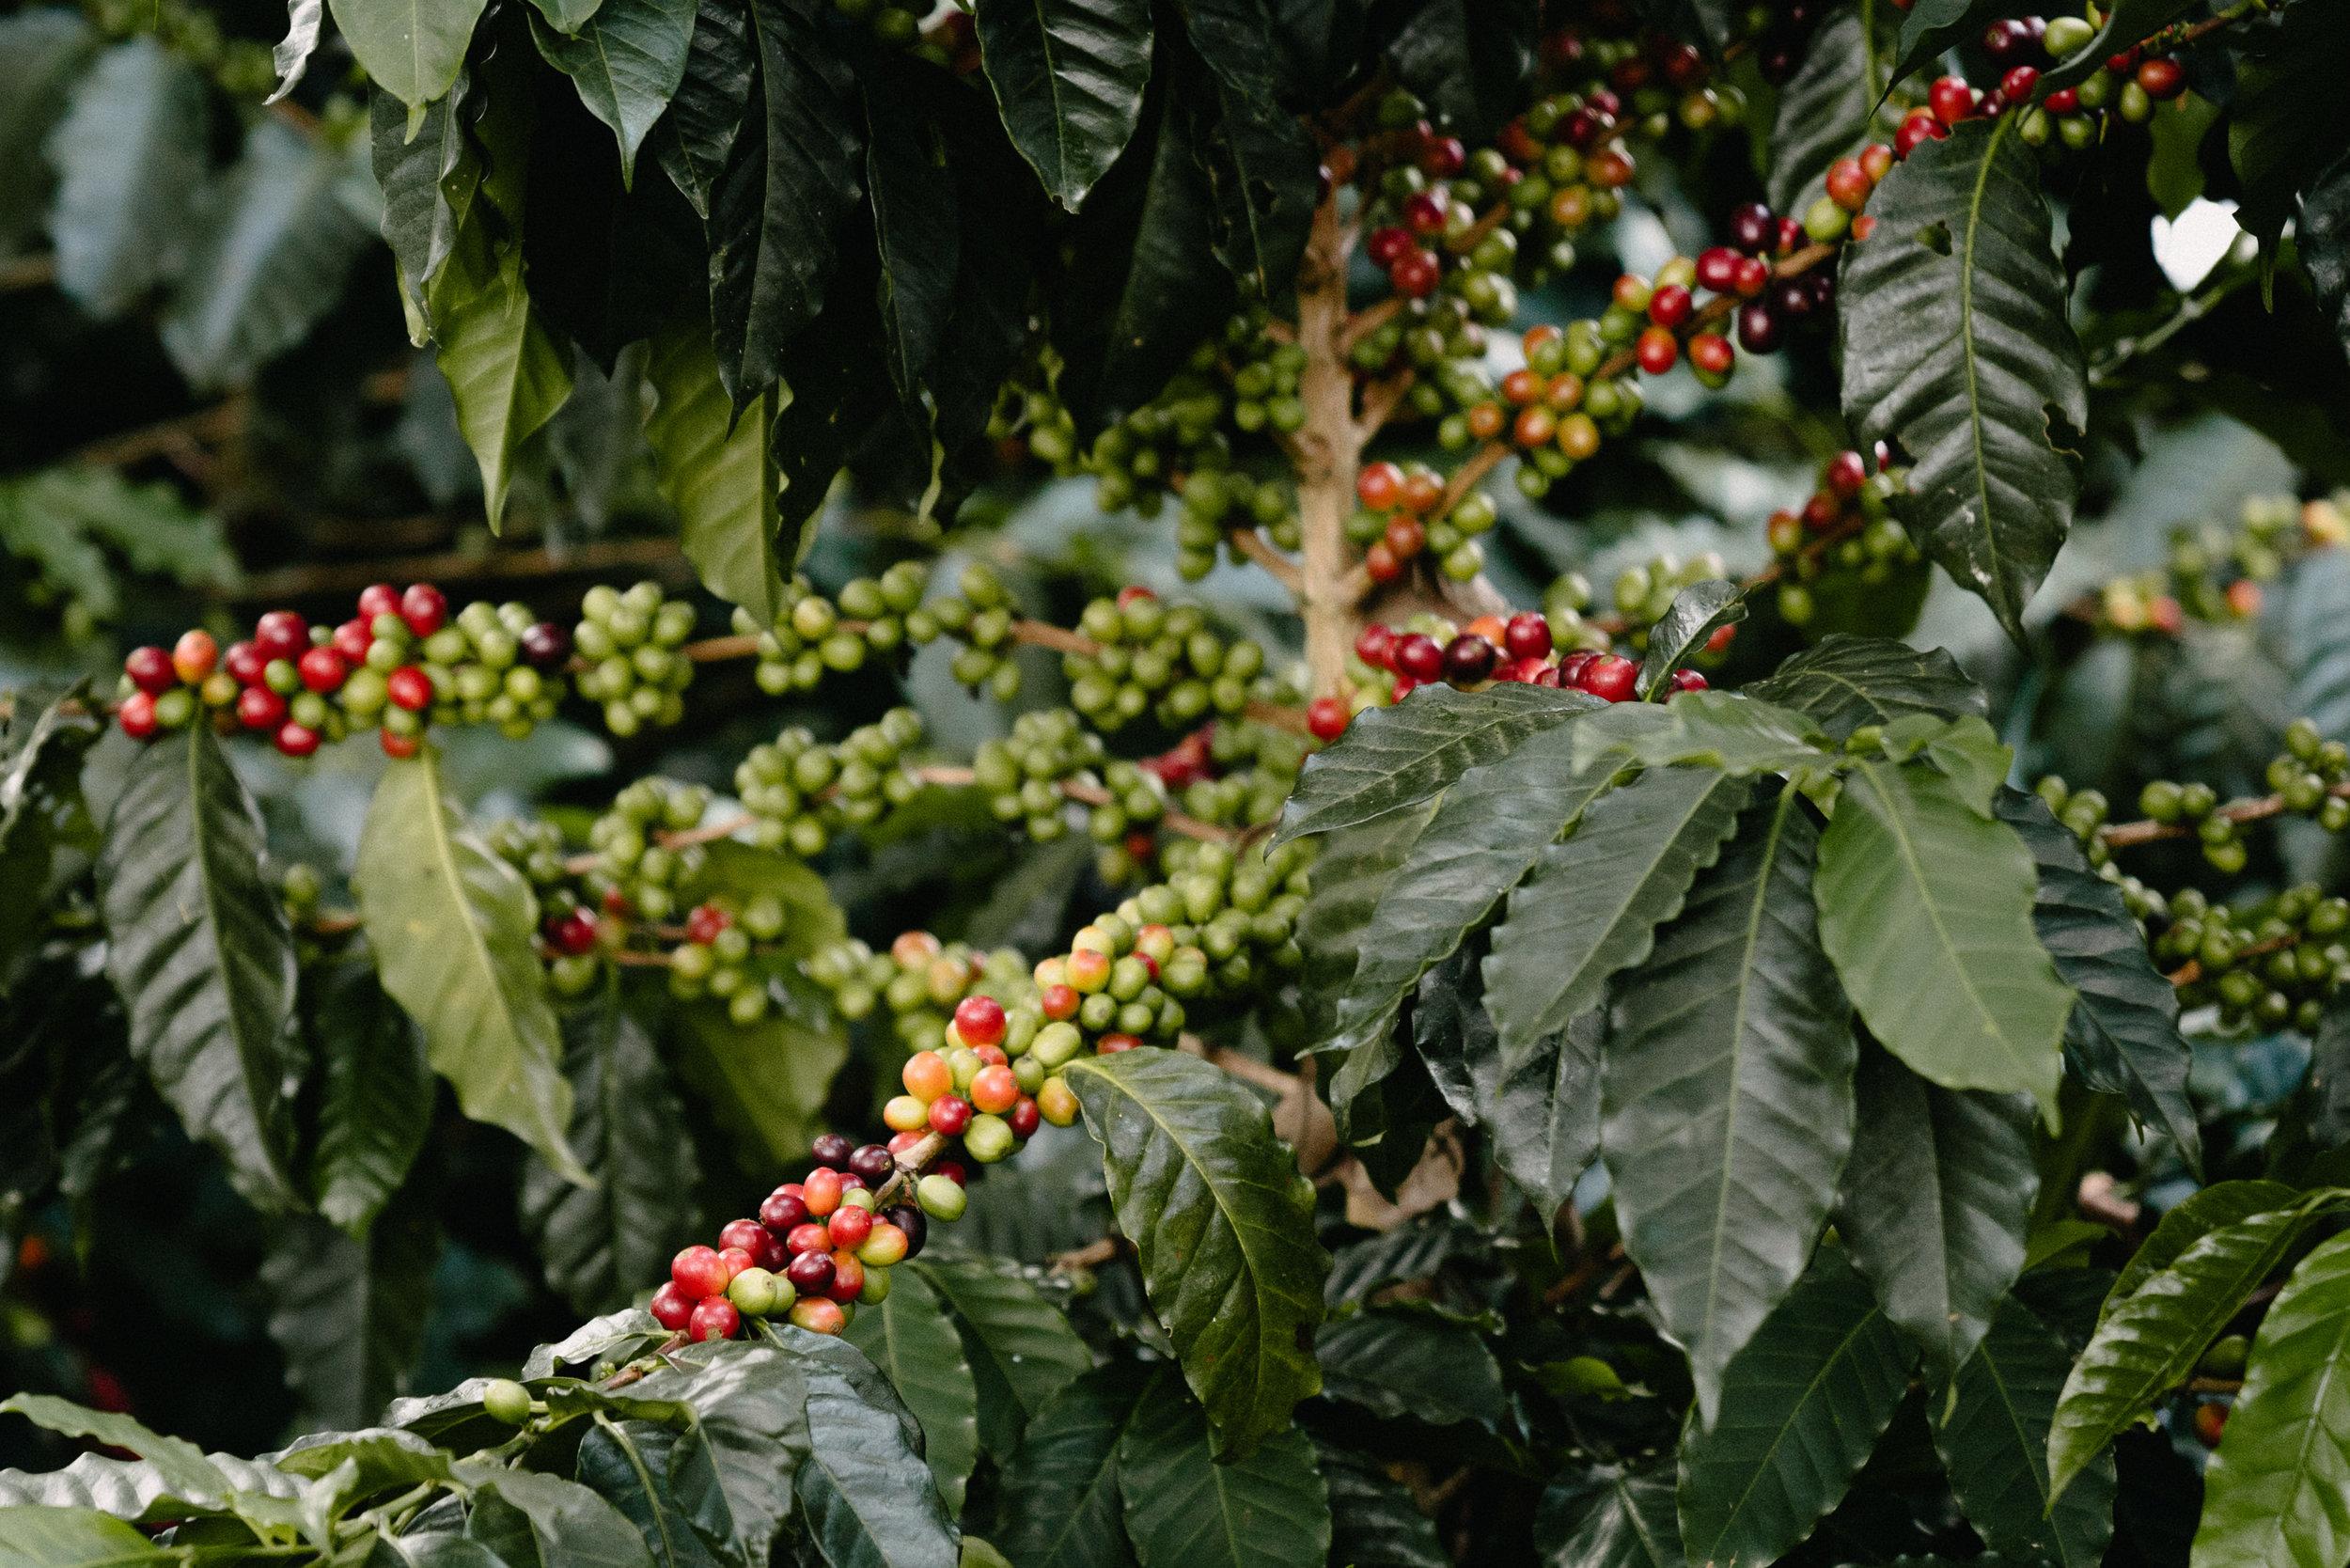 Emanuel-Hahn-Colombia-Coffee-Farmers-Huila-Manizales-Pagpropina-3.jpg